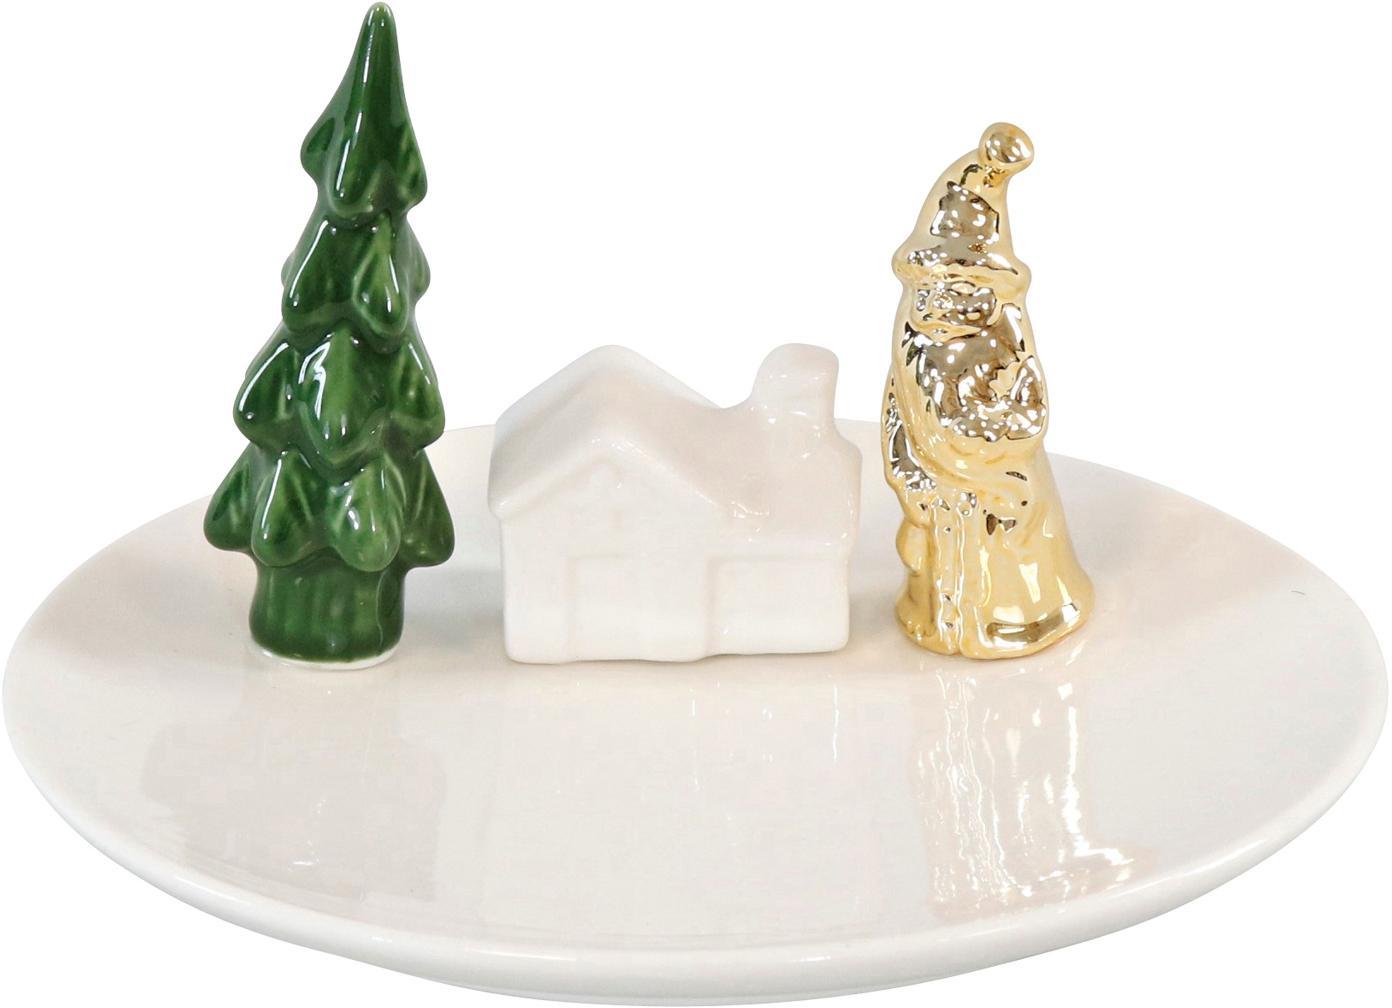 Set de piezas decorativas Scene, 4pzas., Cerámica, Blanco. Verde, dorado, Set de diferentes tamaños